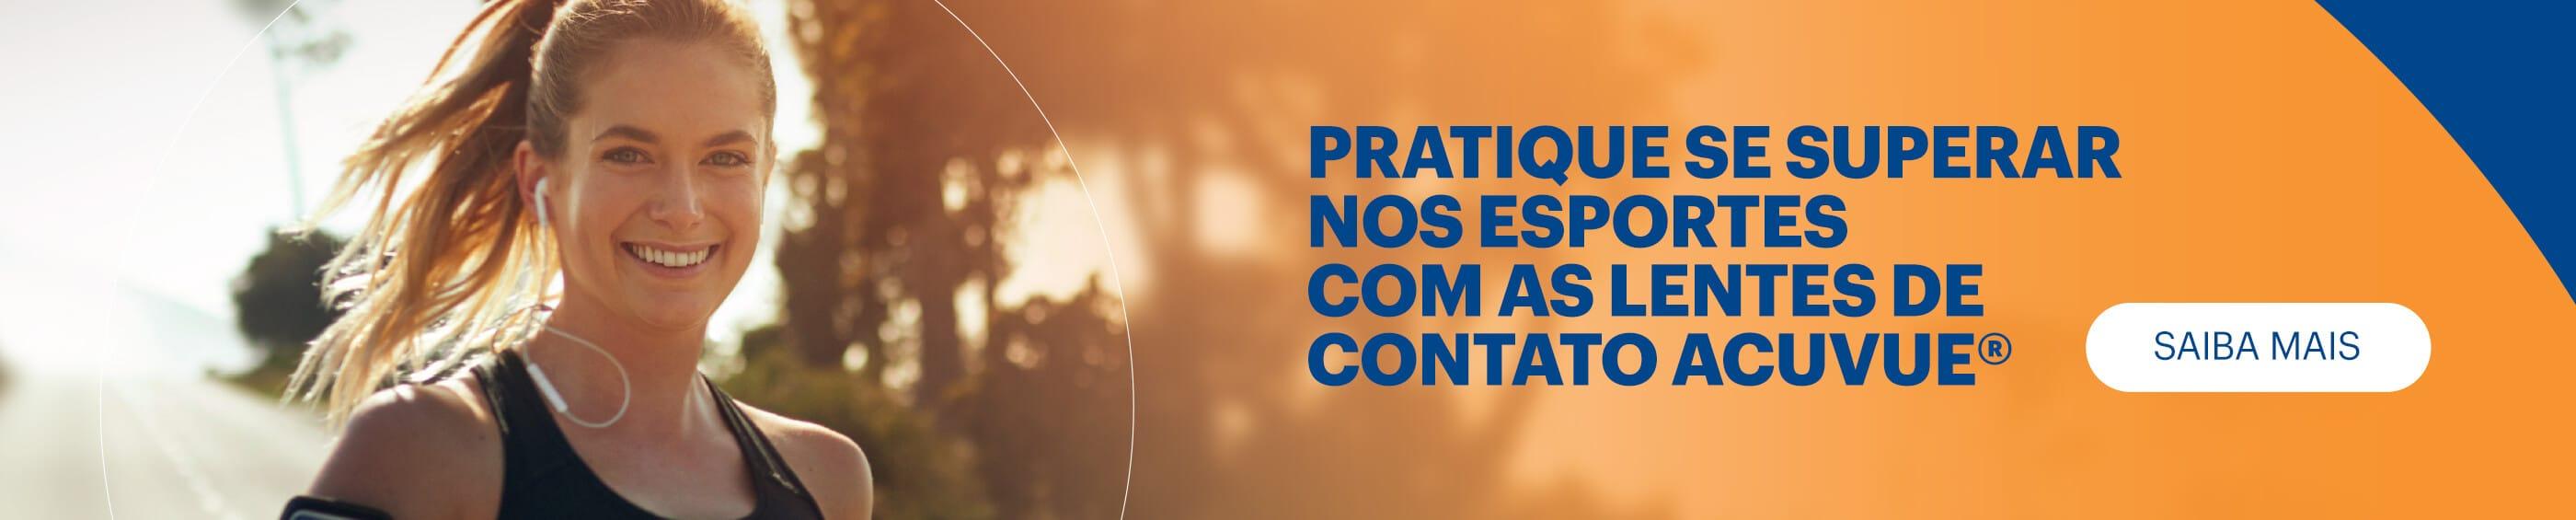 a7eb44f5e7 Lentes de contato ACUVUE® - Site oficial